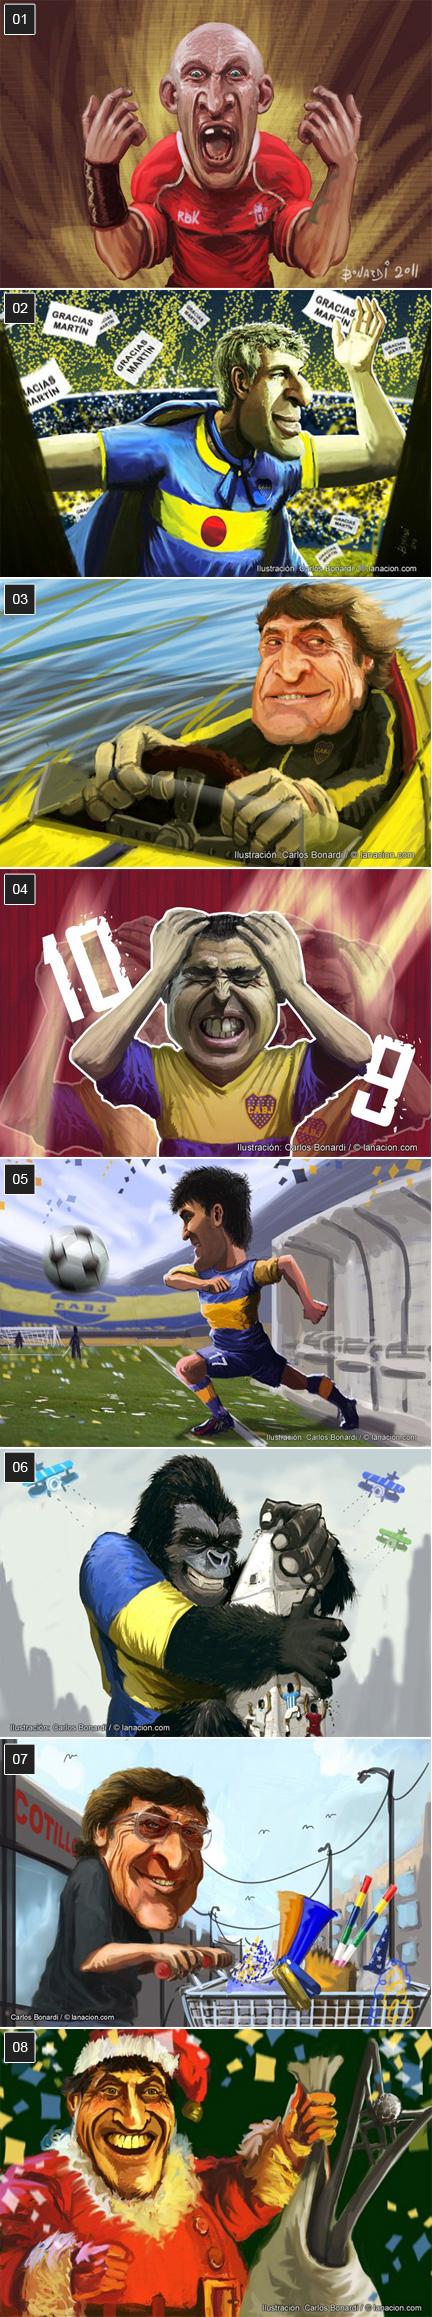 caricaturas canchallena.com